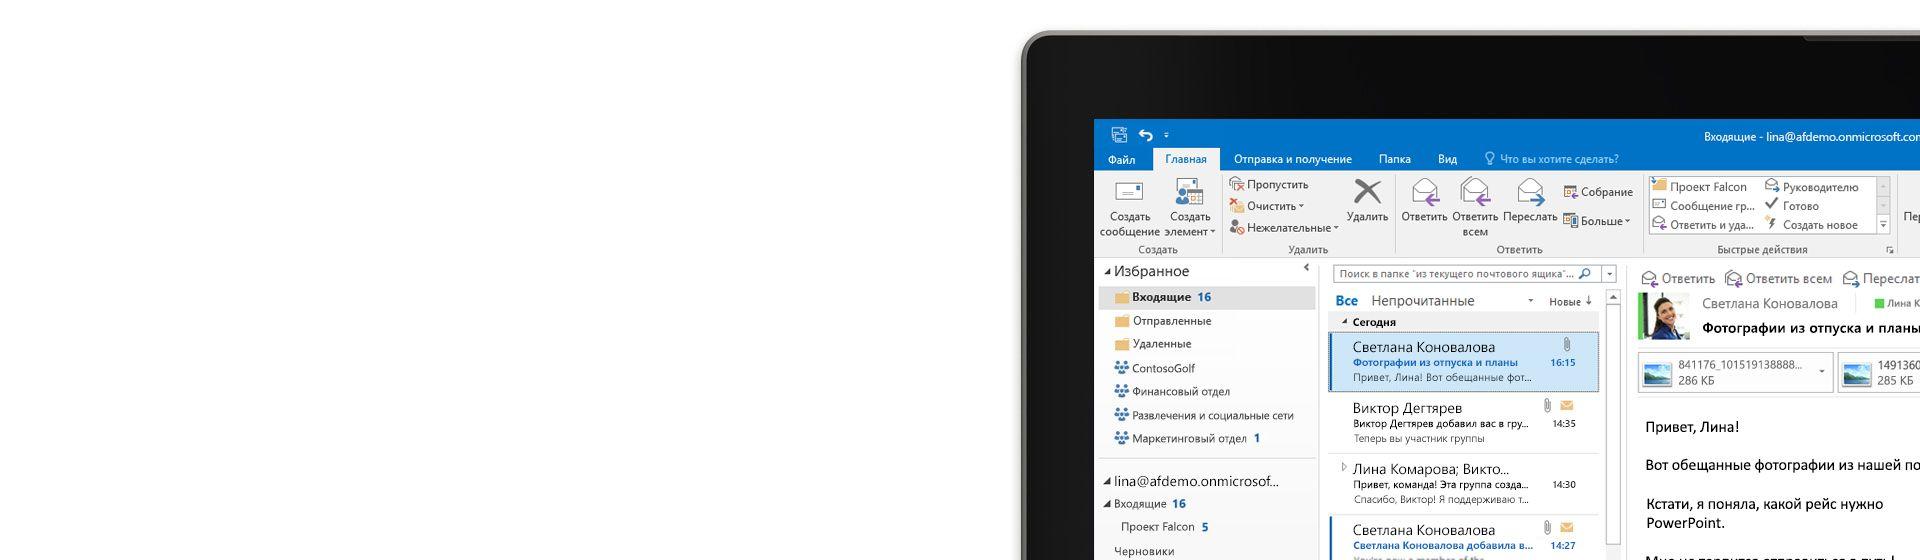 Планшет, на котором открыто окно предварительного просмотра сообщений в Microsoft Outlook